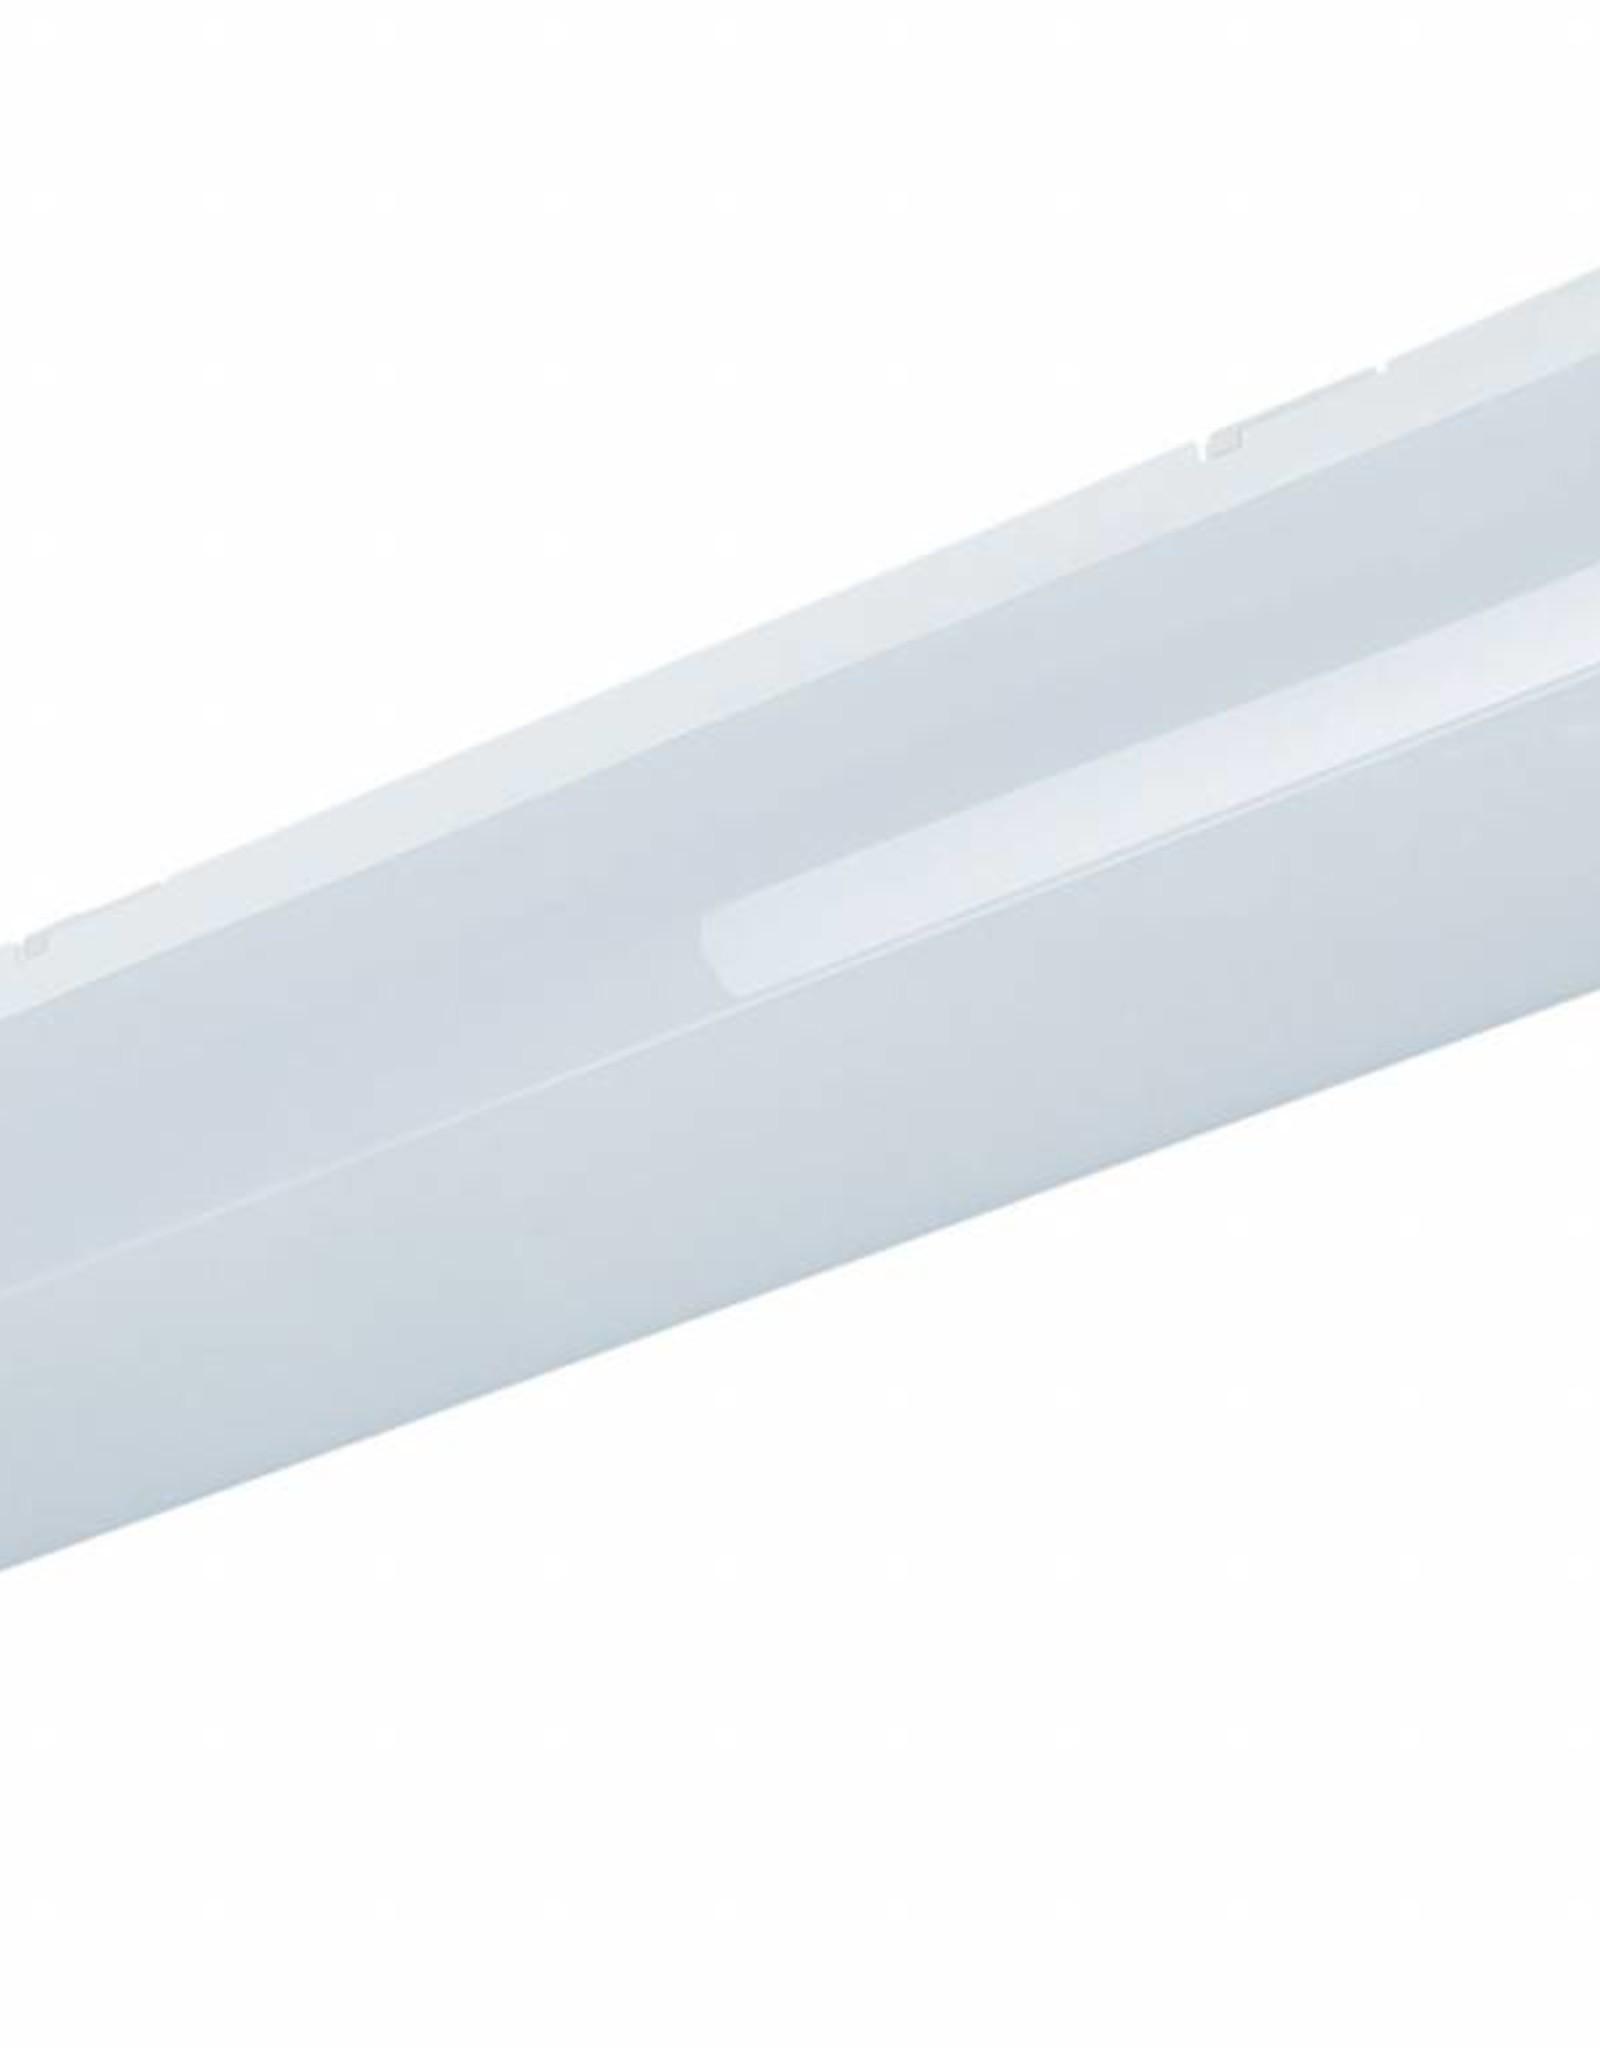 Linea 2.4ft 6400/840 M1h